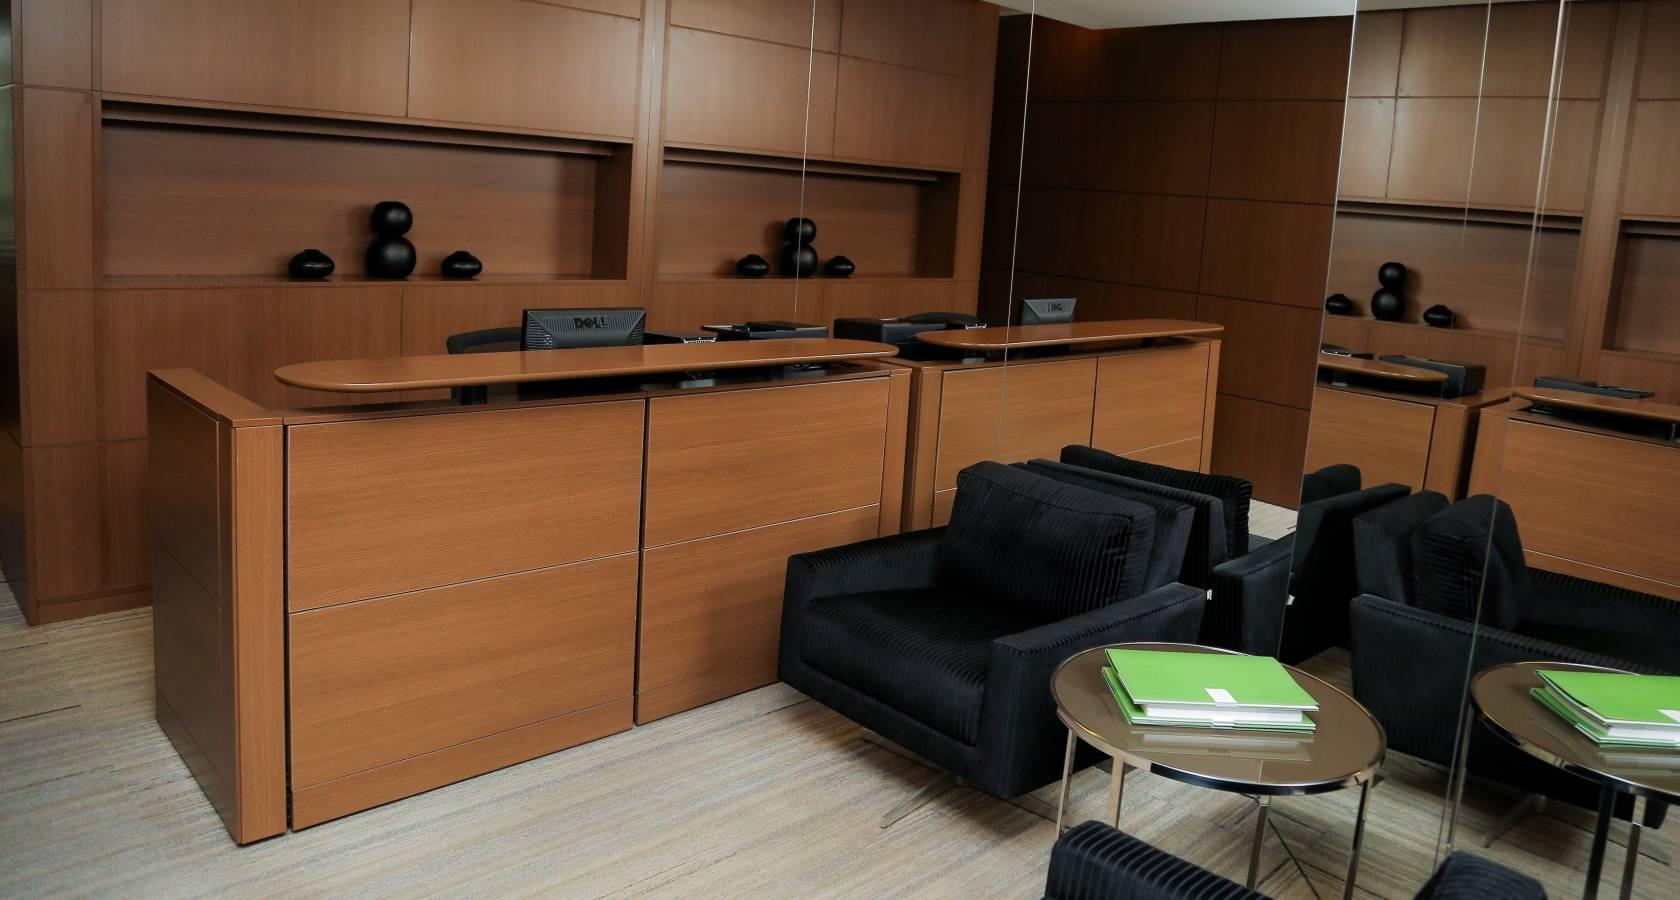 Governo estuda rever regras para recuperação judicial